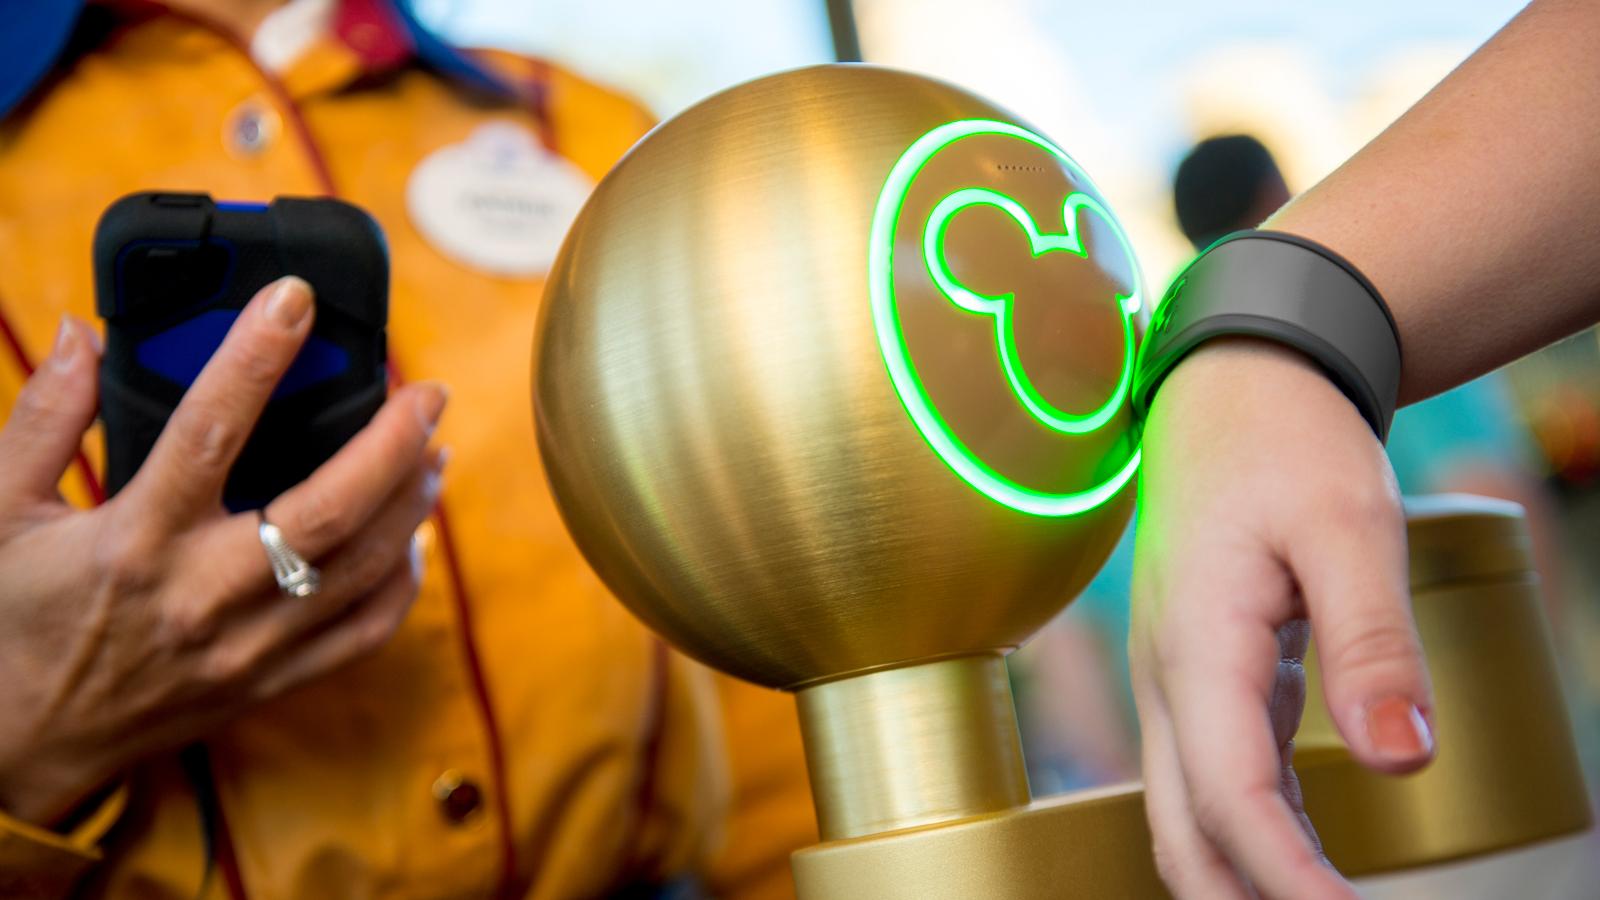 Las orejas de Mickey se iluminan cuando un Huésped pasa una MagicBand cerca de un punto de contacto en Walt Disney World Resort